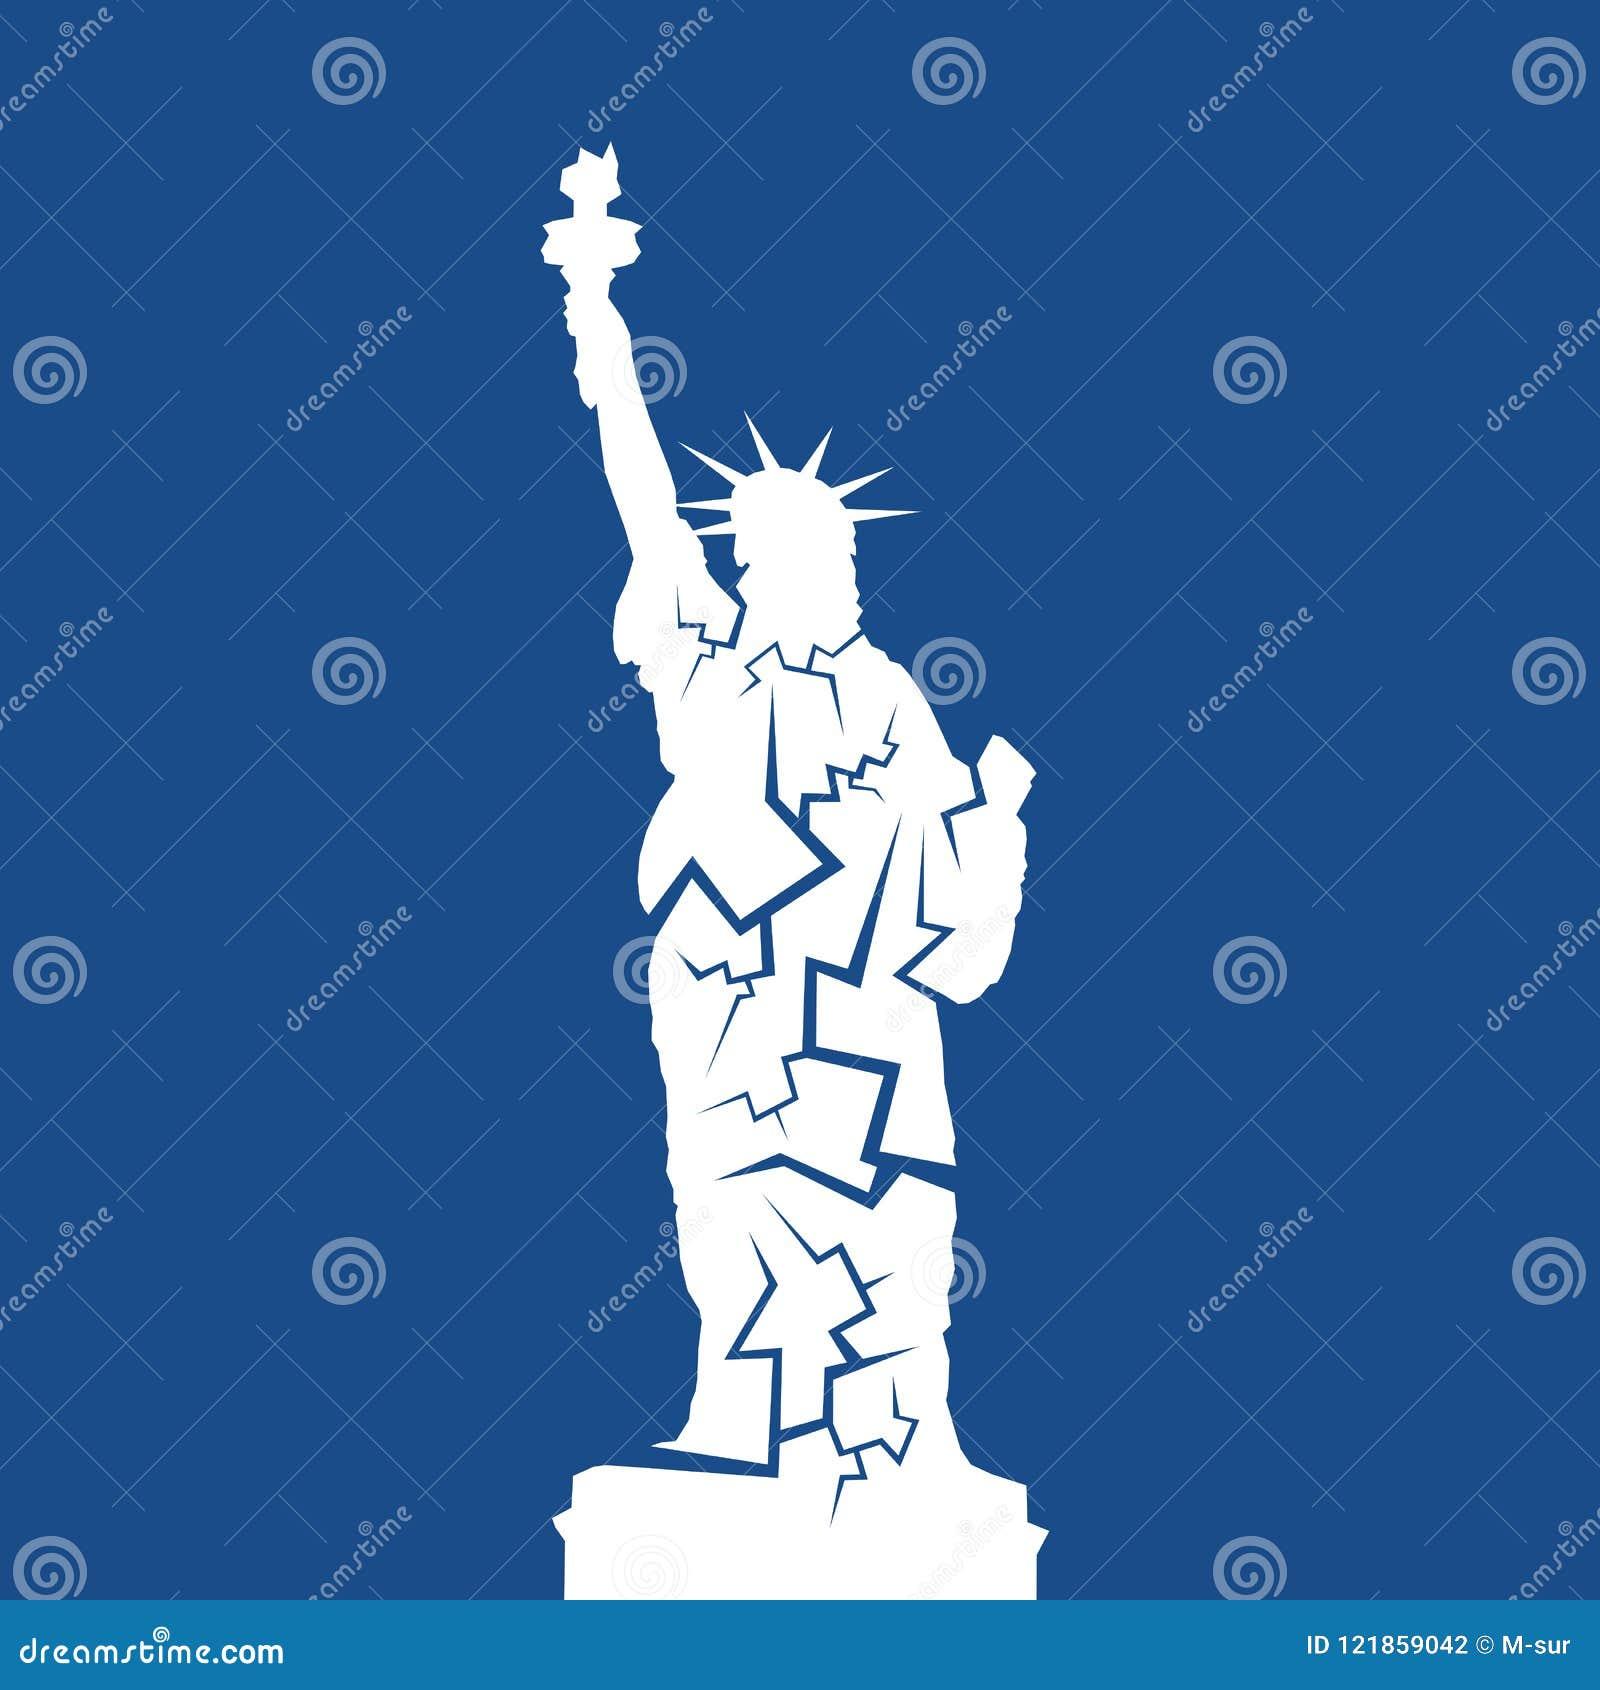 Disminuya el decaimiento, los problemas y el fracaso llevando al hundimiento de la señal de los E.E.U.U. y de los Estados Unidos